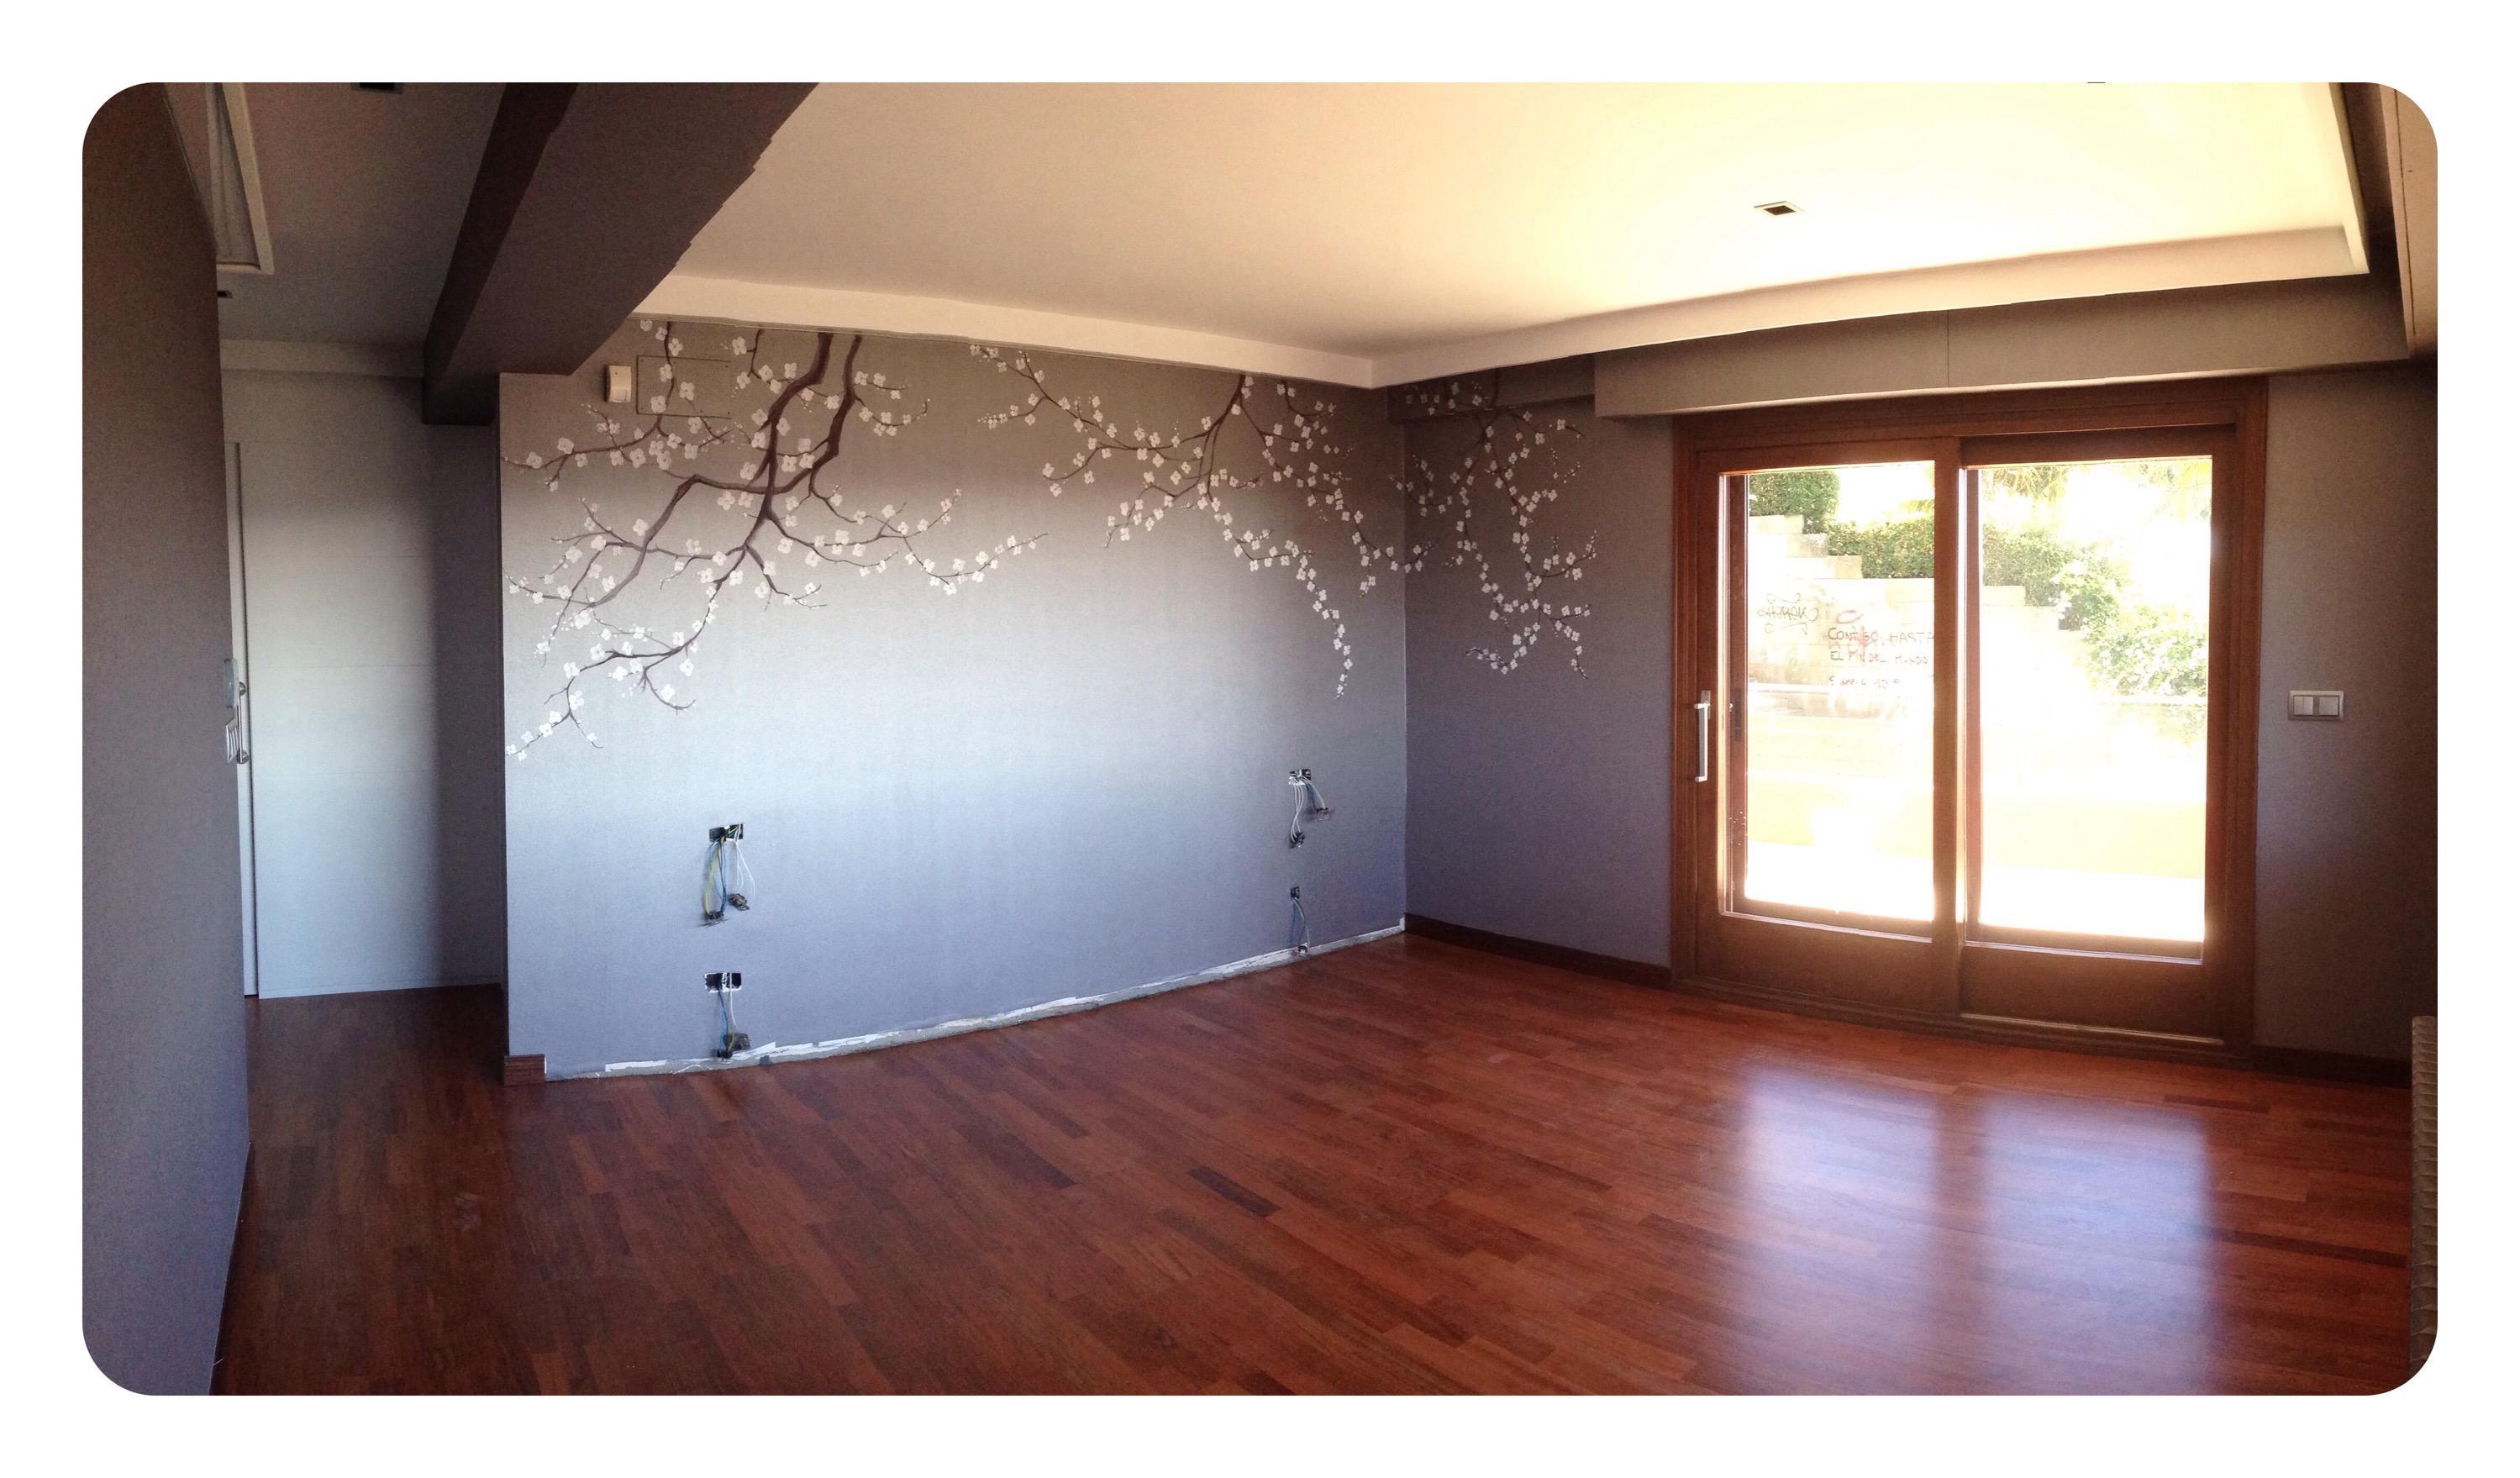 Interiorismo decoraci n con pintura mural durmiendo bajo las flores bgoph y colorincolorado - Interiorismo vigo ...